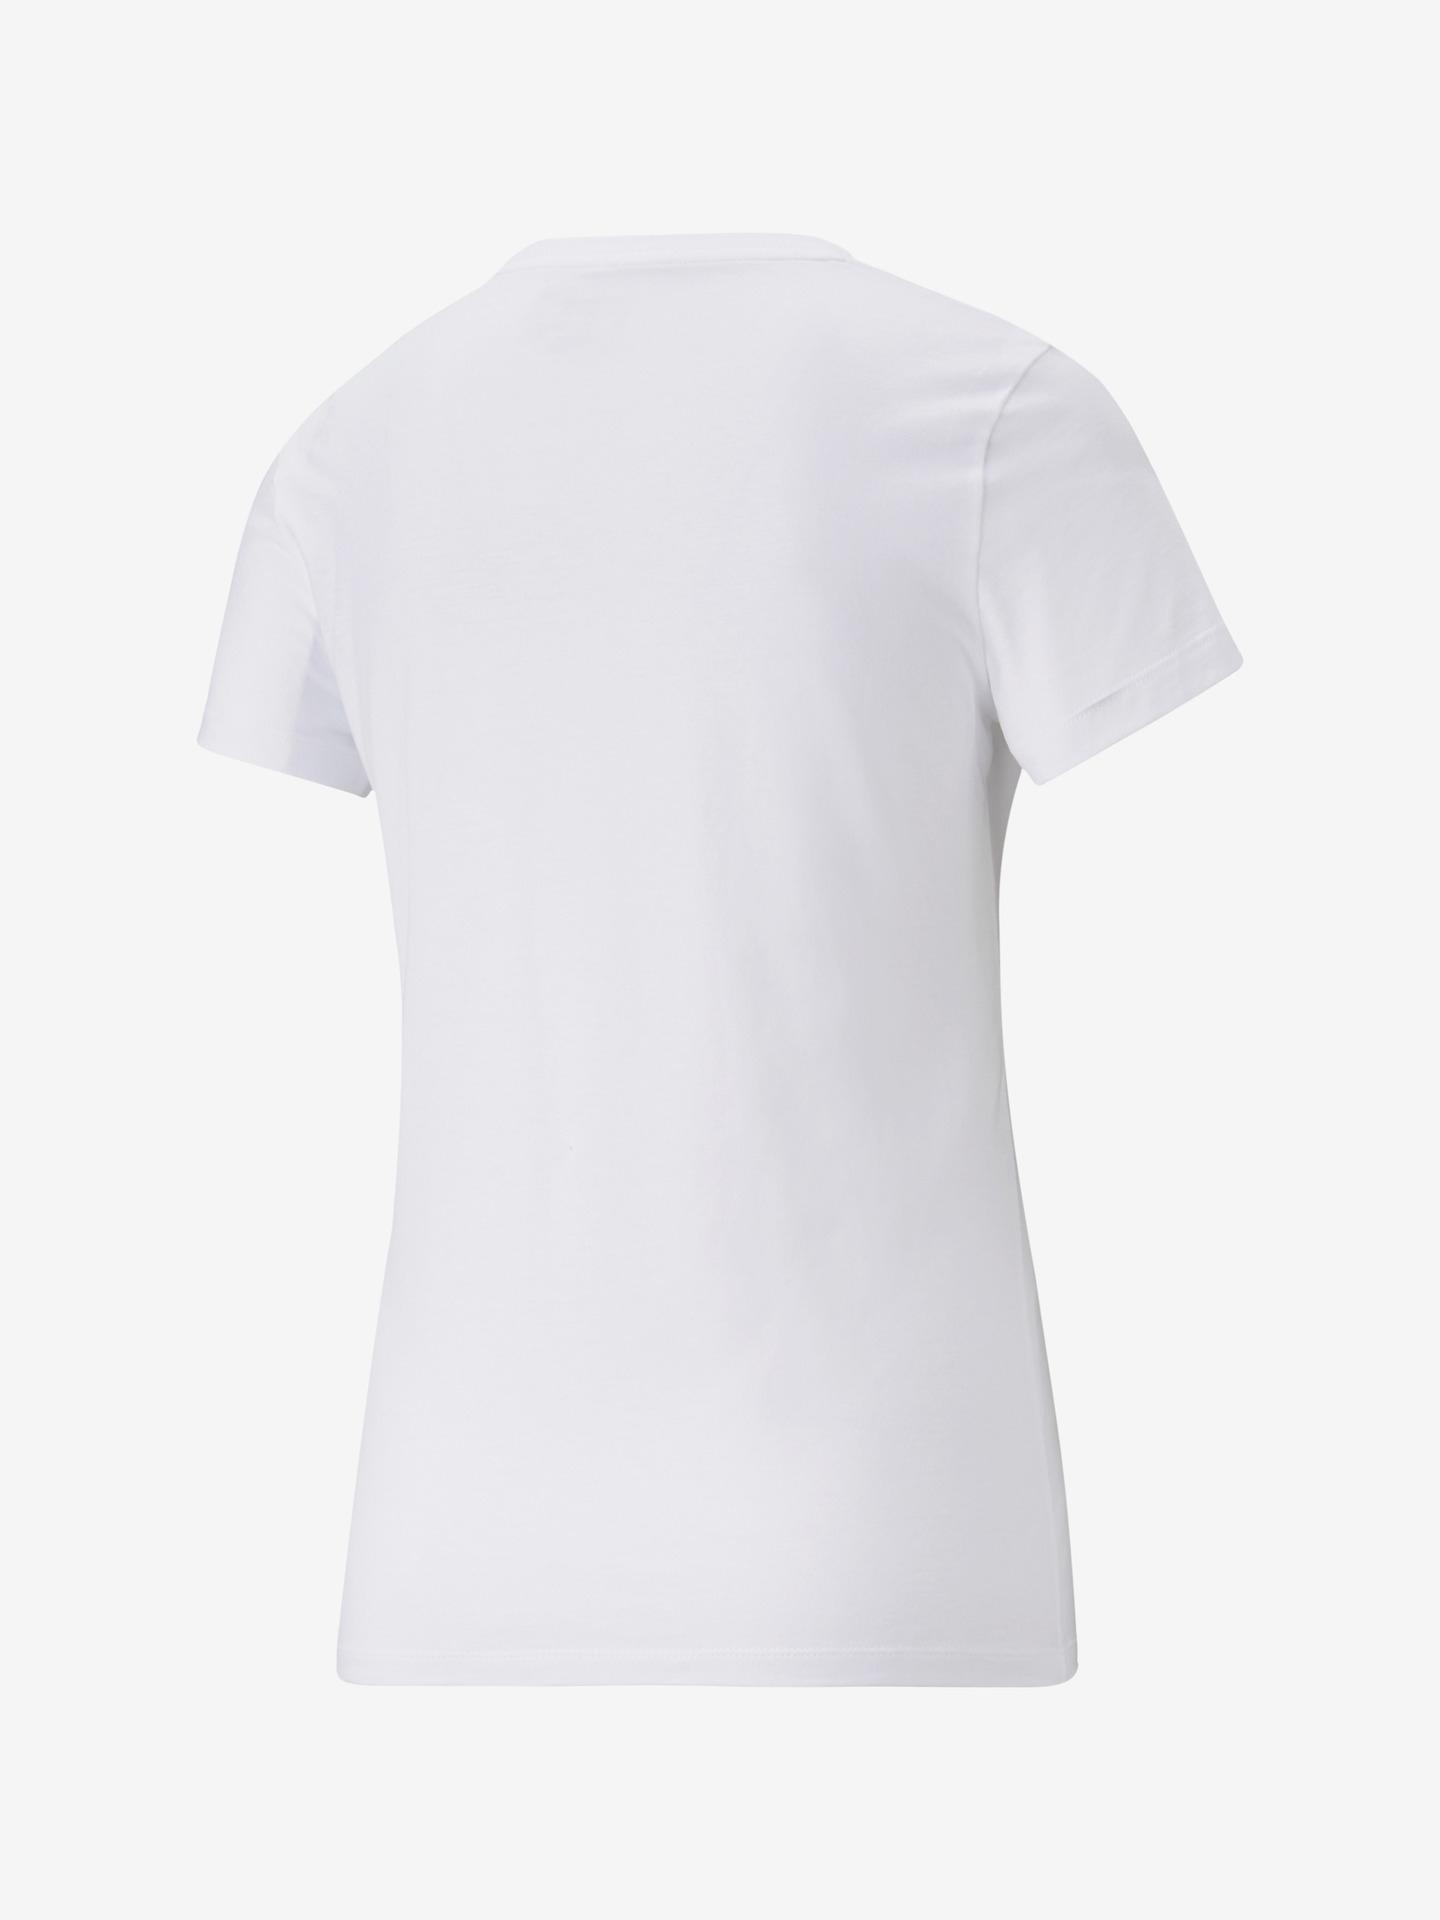 Puma Graphic Streetwear Koszulka Biały